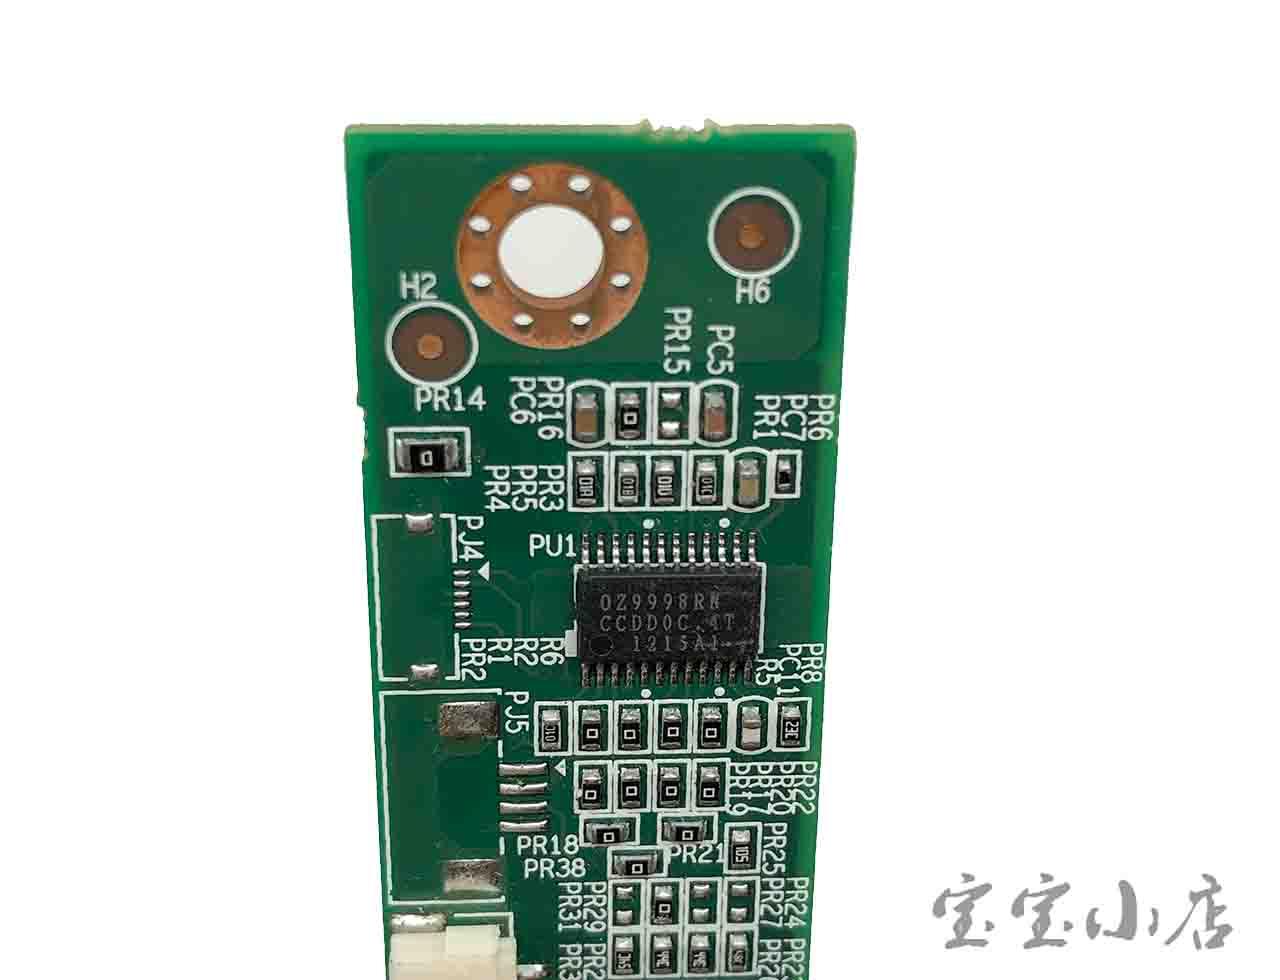 戴尔Dell Inspiron One 2305 2310 逆变器高压板一体机 LCD Inverter Board P/n 07W76 007w76 0R4J4Y